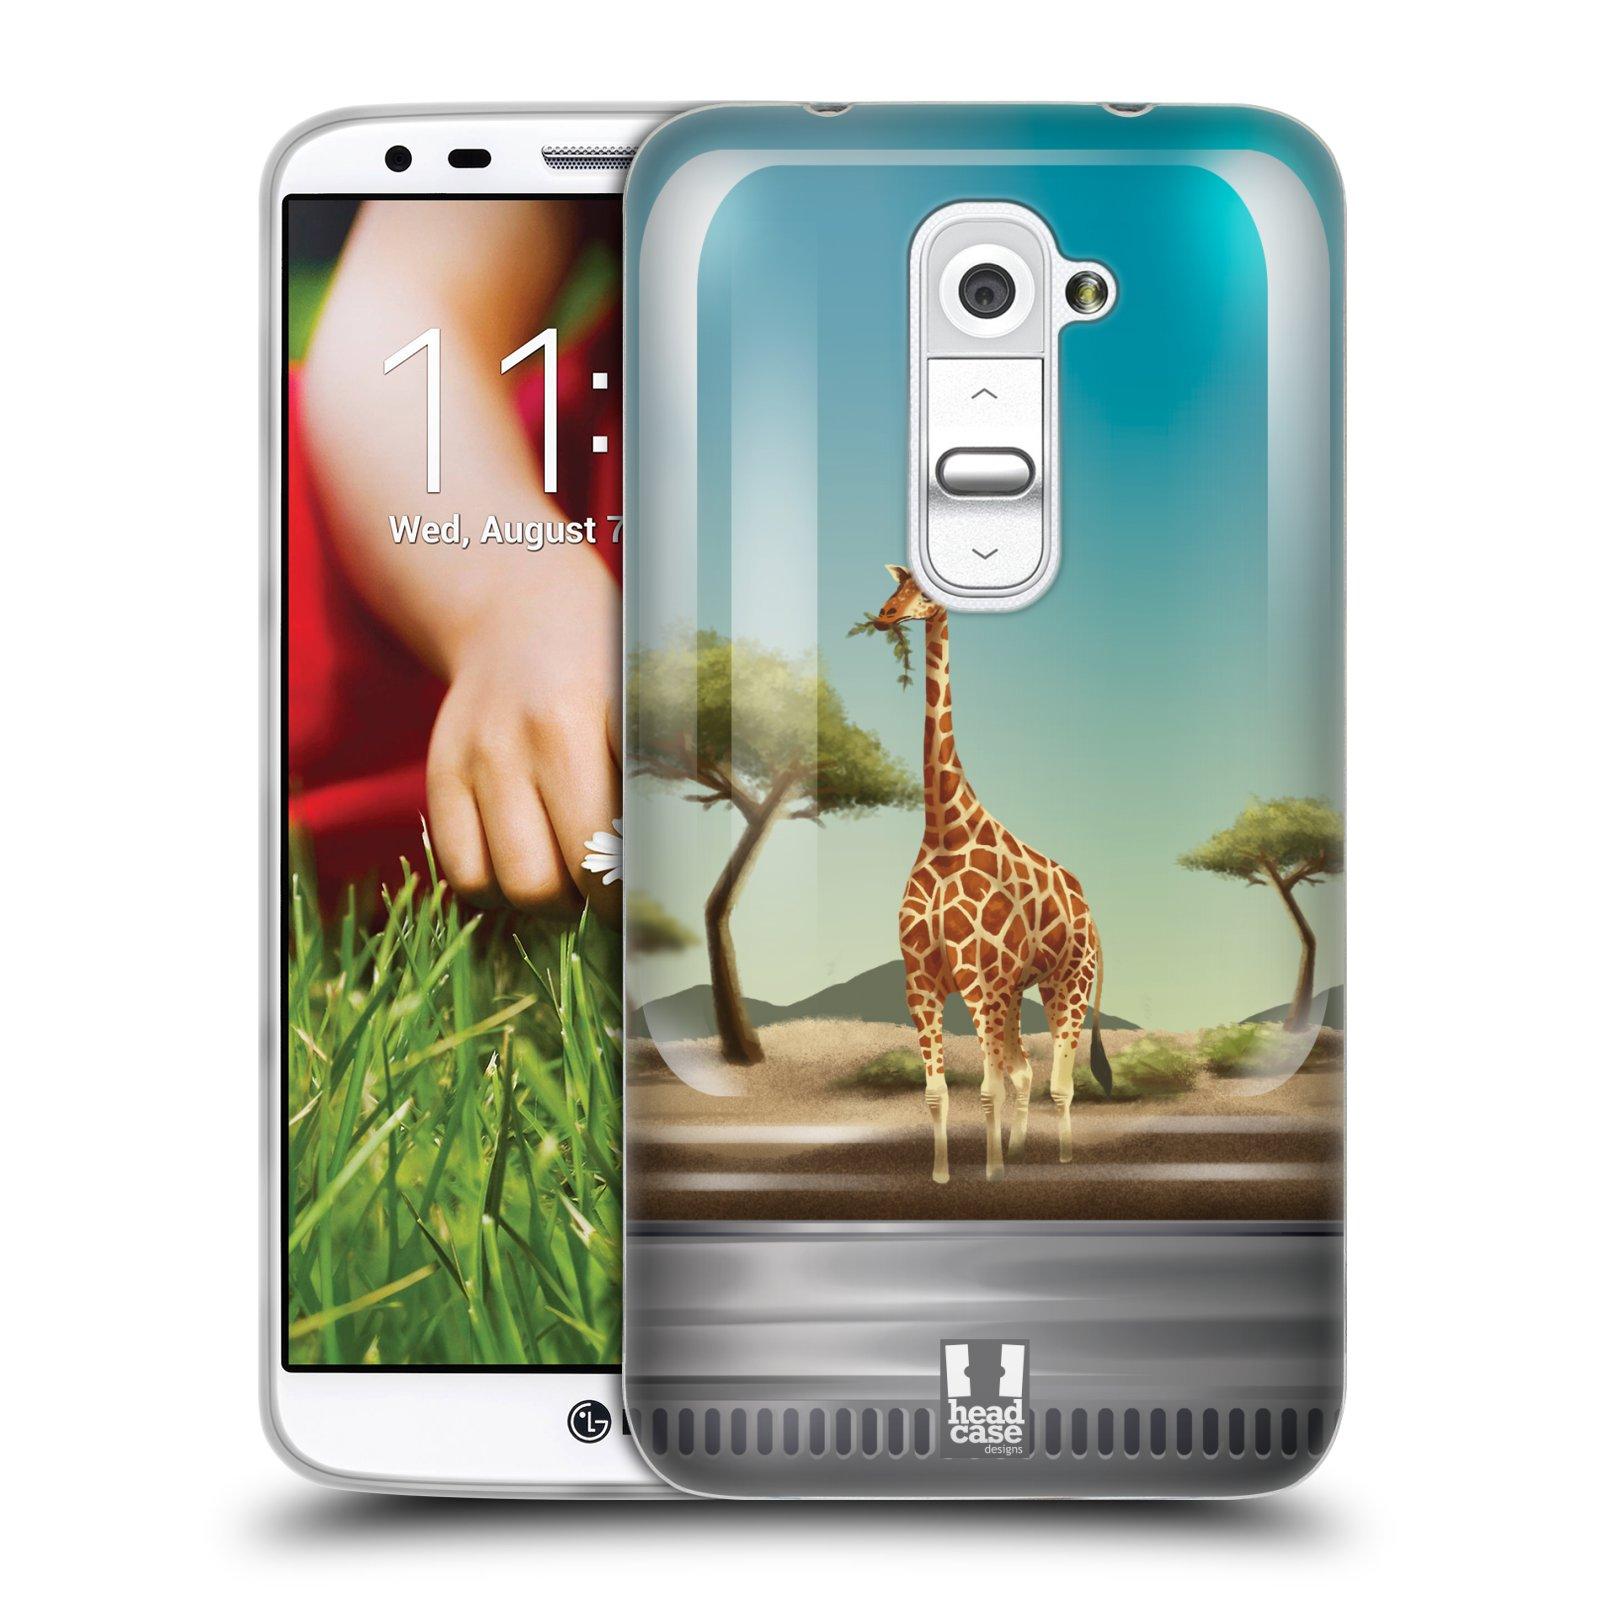 HEAD CASE silikonový obal na mobil LG G2 vzor Zvířátka v těžítku žirafa